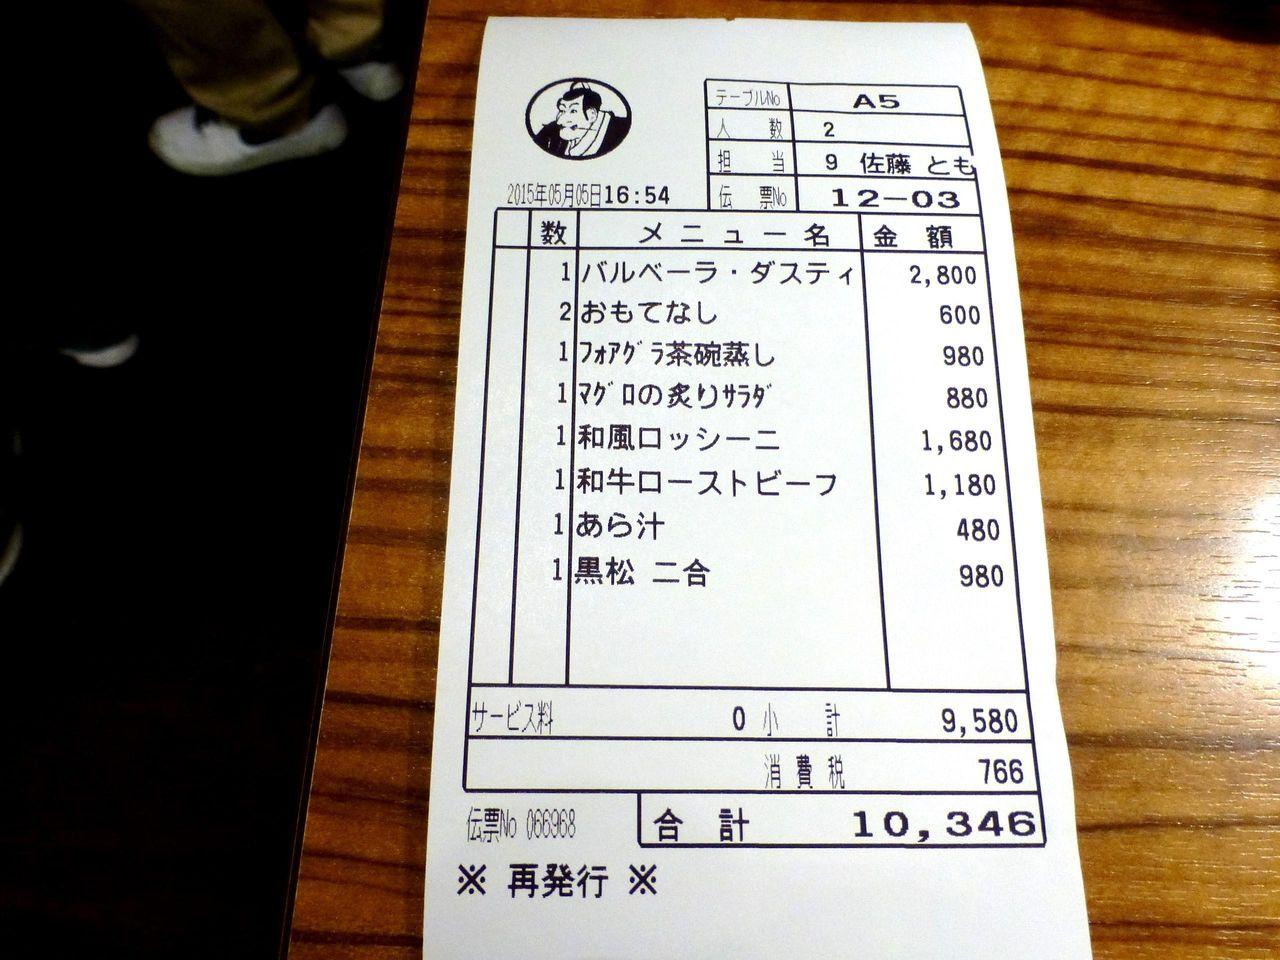 思う存分飲み食いして、お会計は1人5,173円!